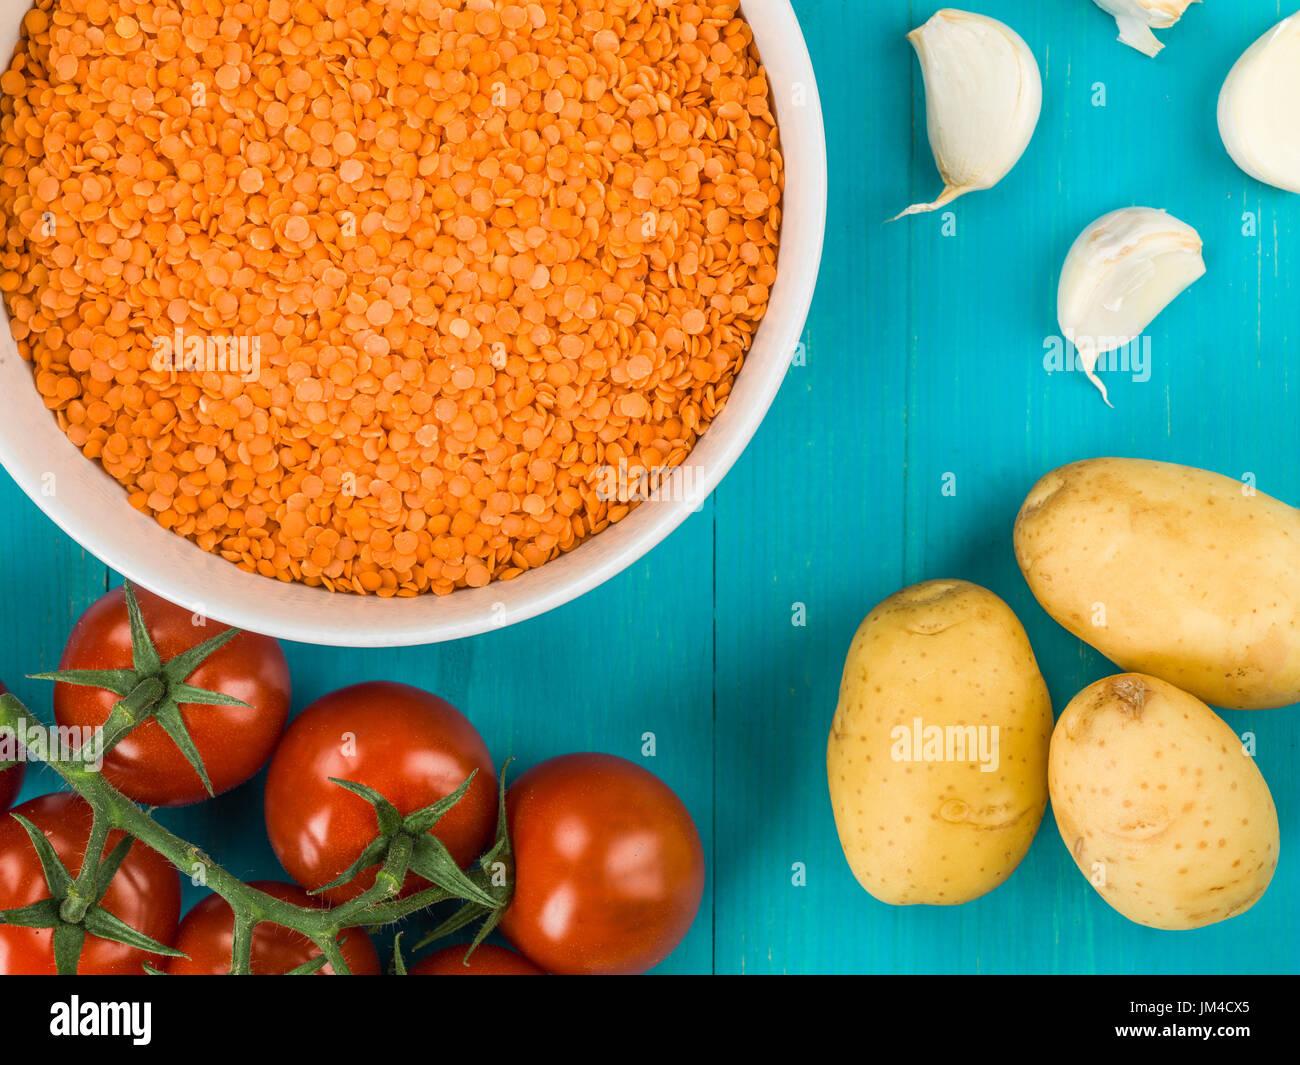 Bol de lentilles rouges non cuits à sec against a blue background Photo Stock